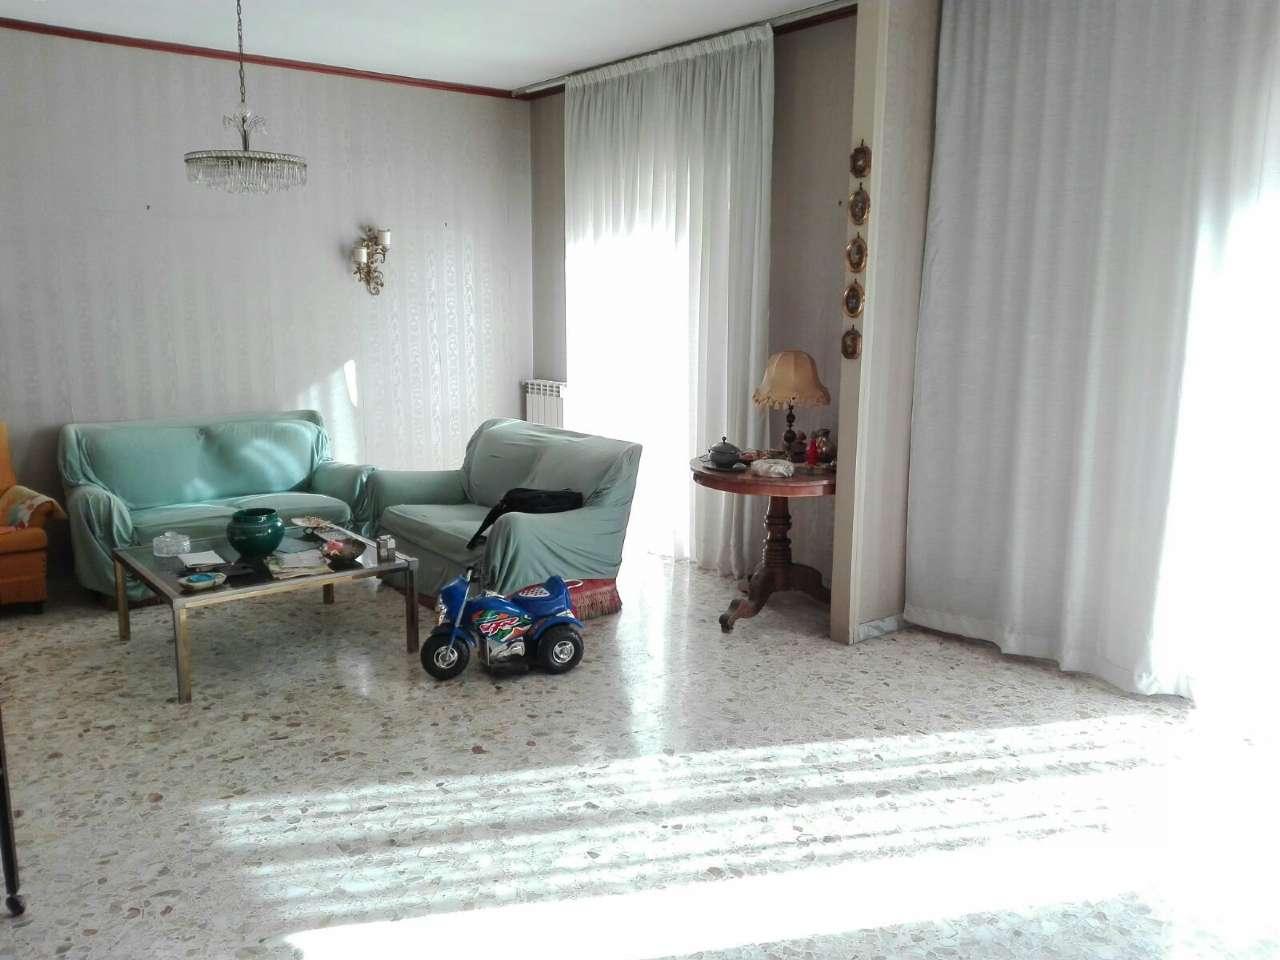 Appartamento in vendita a Ercolano, 5 locali, prezzo € 225.000 | Cambio Casa.it